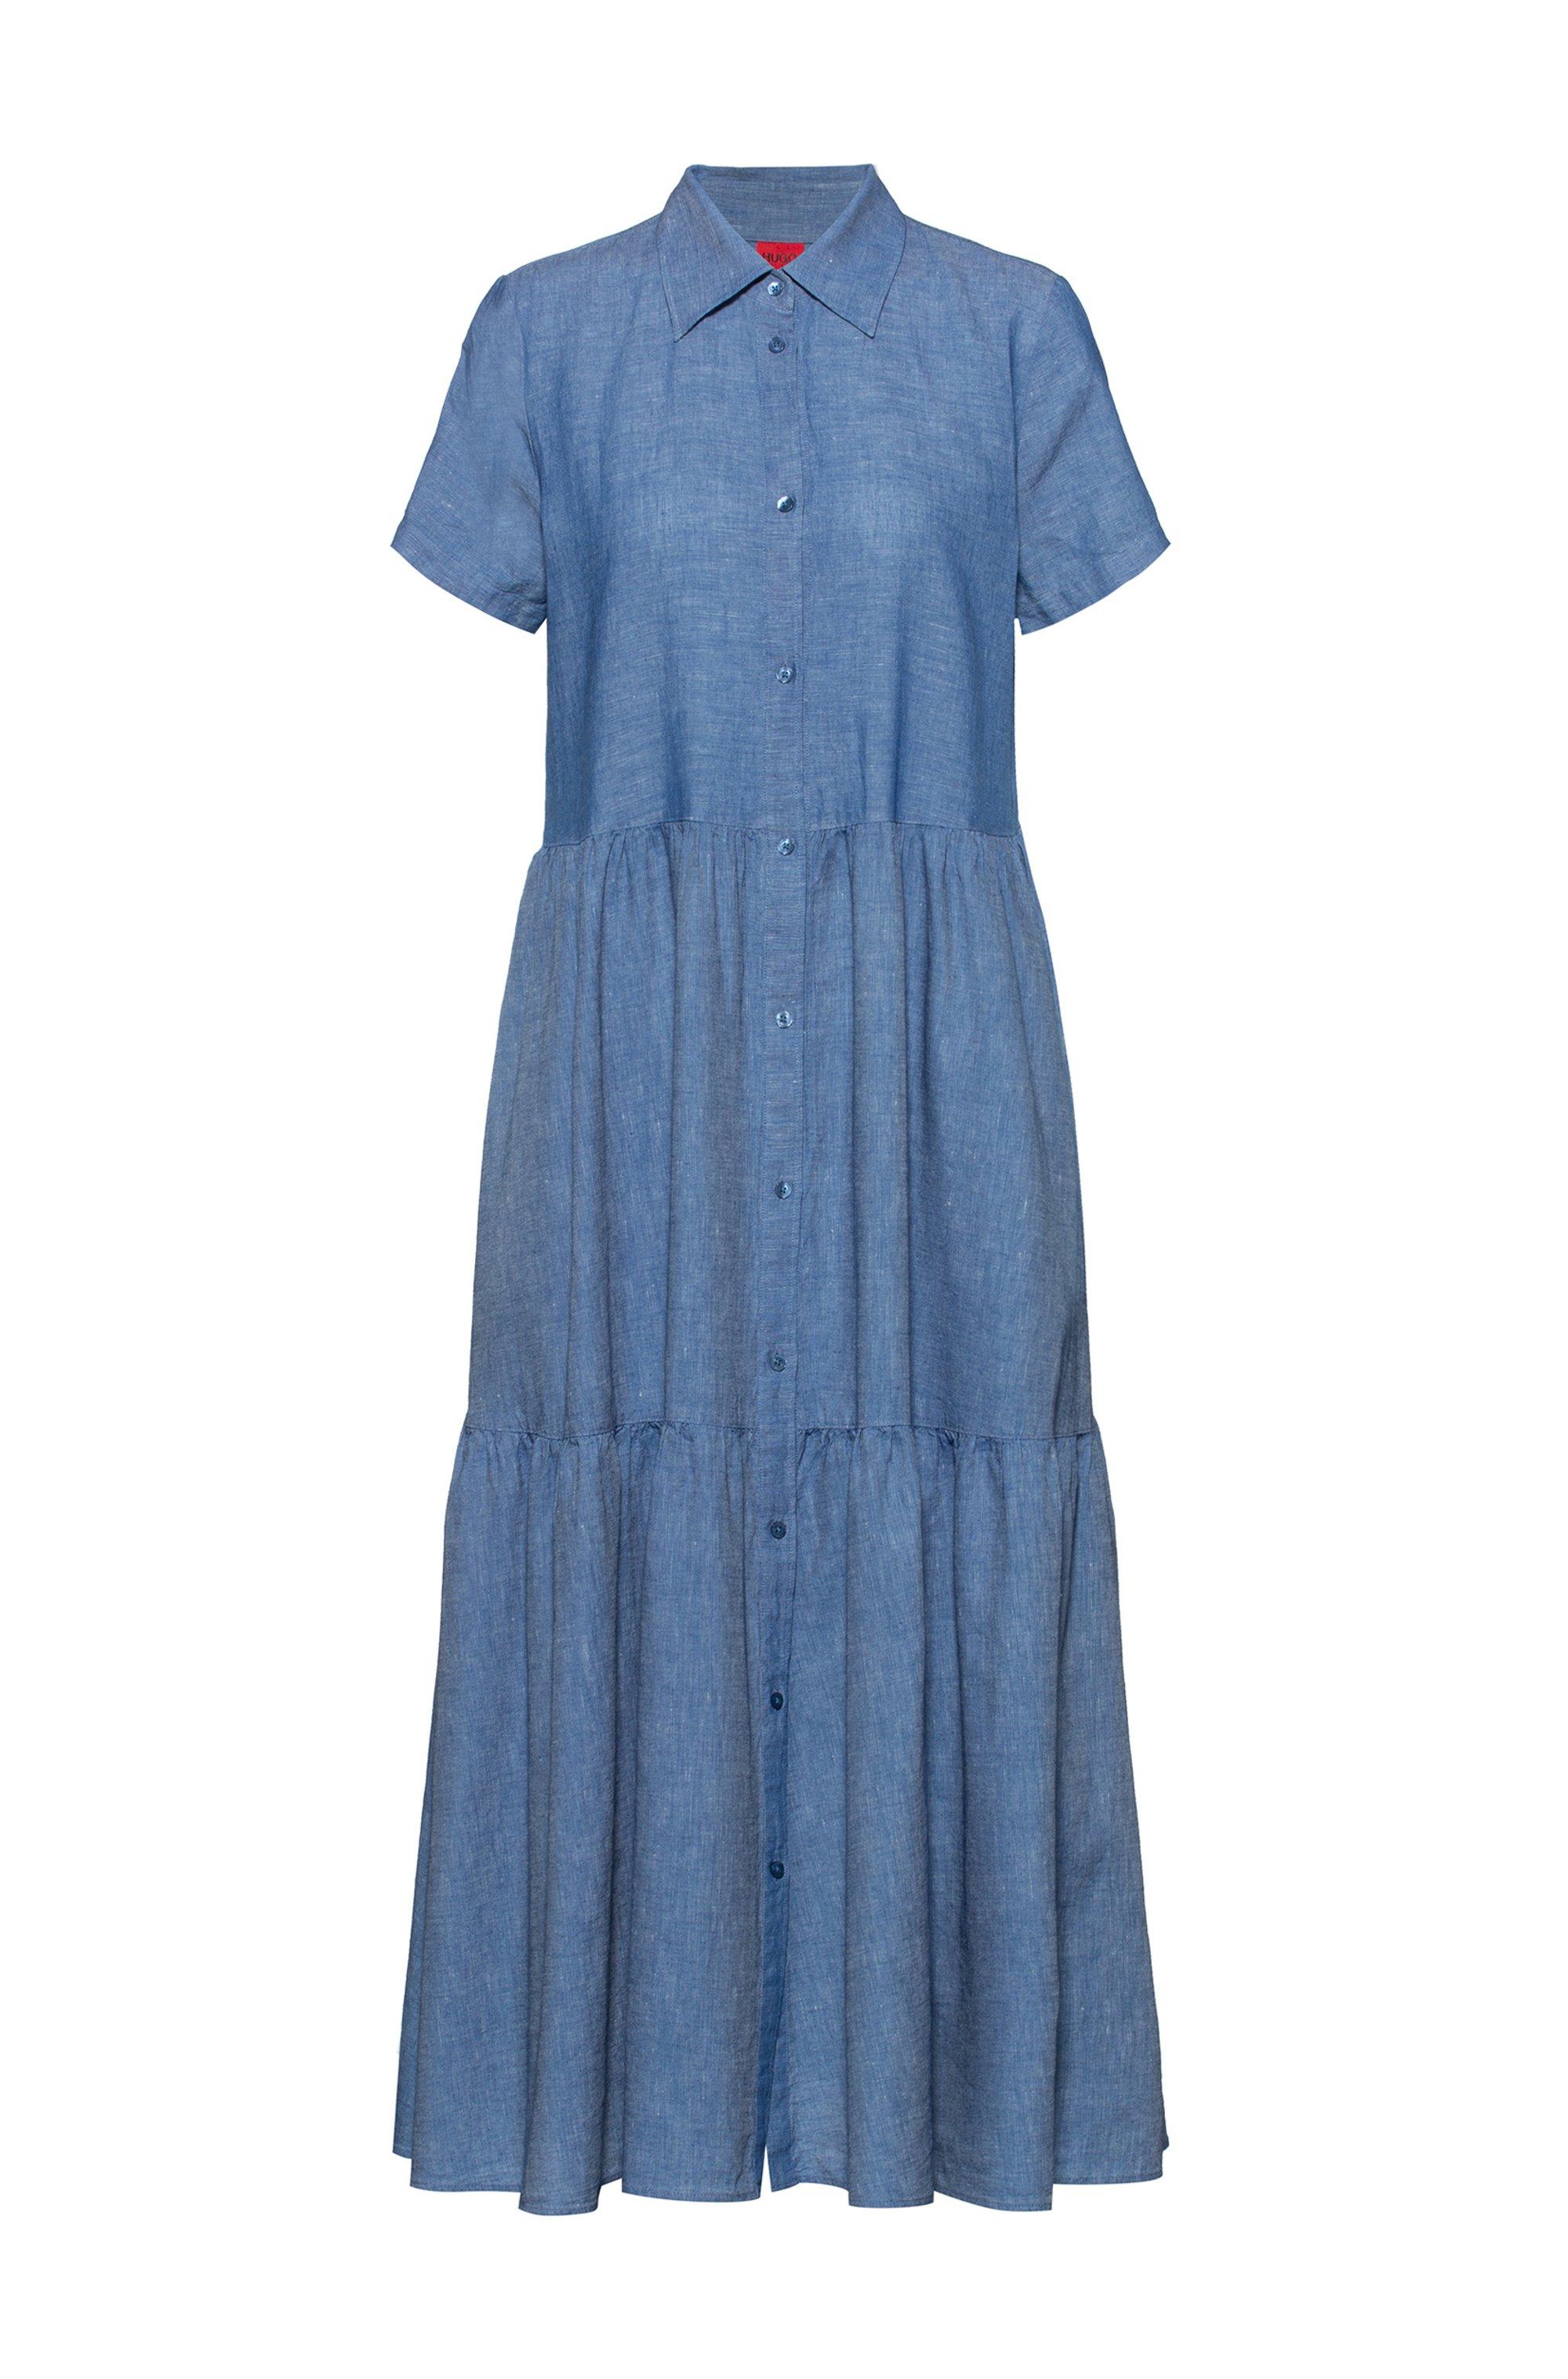 Short-sleeved shirt dress in cotton-linen denim, Blue